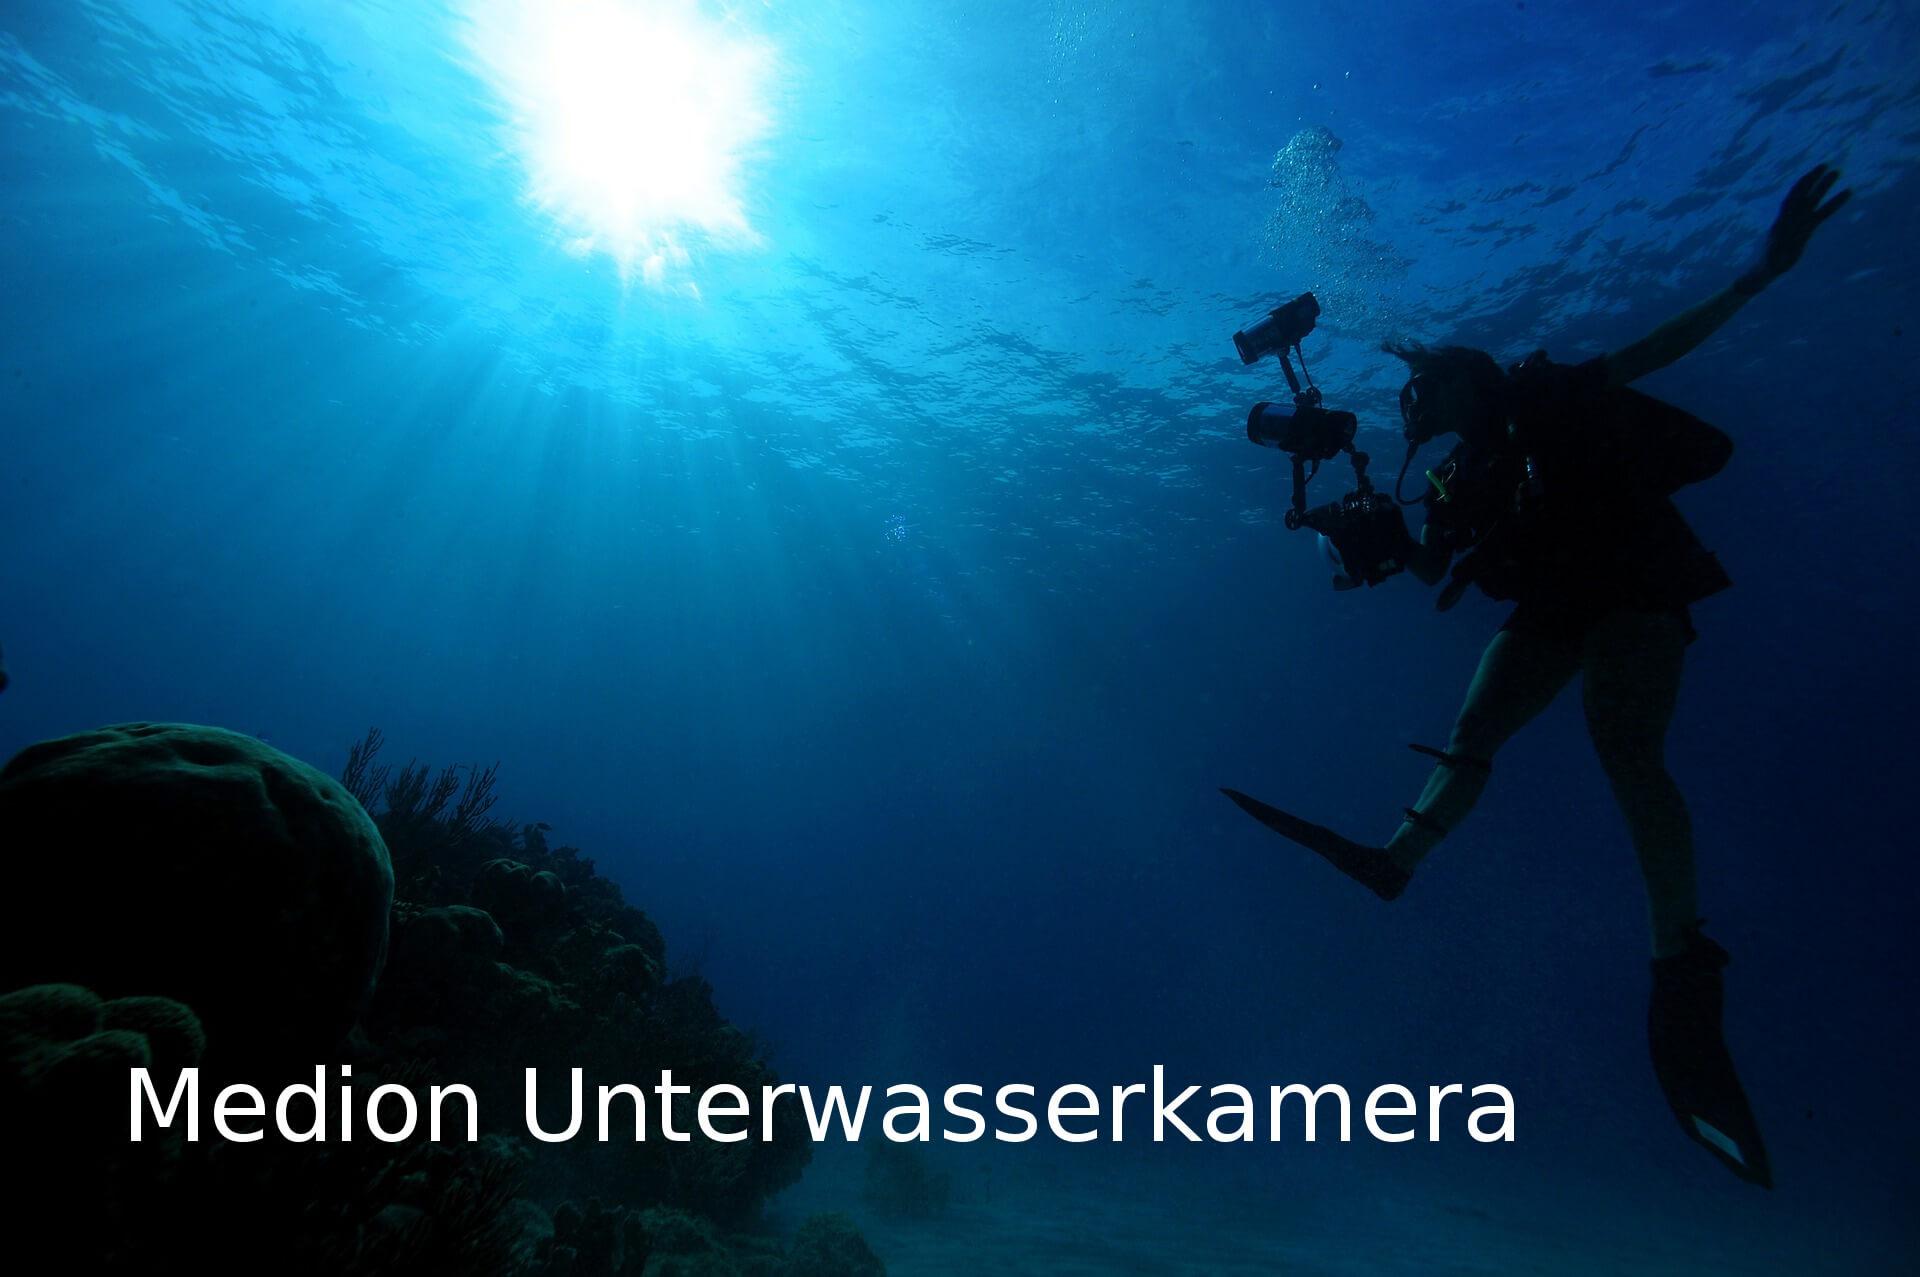 Unterwasserkamera von Medion